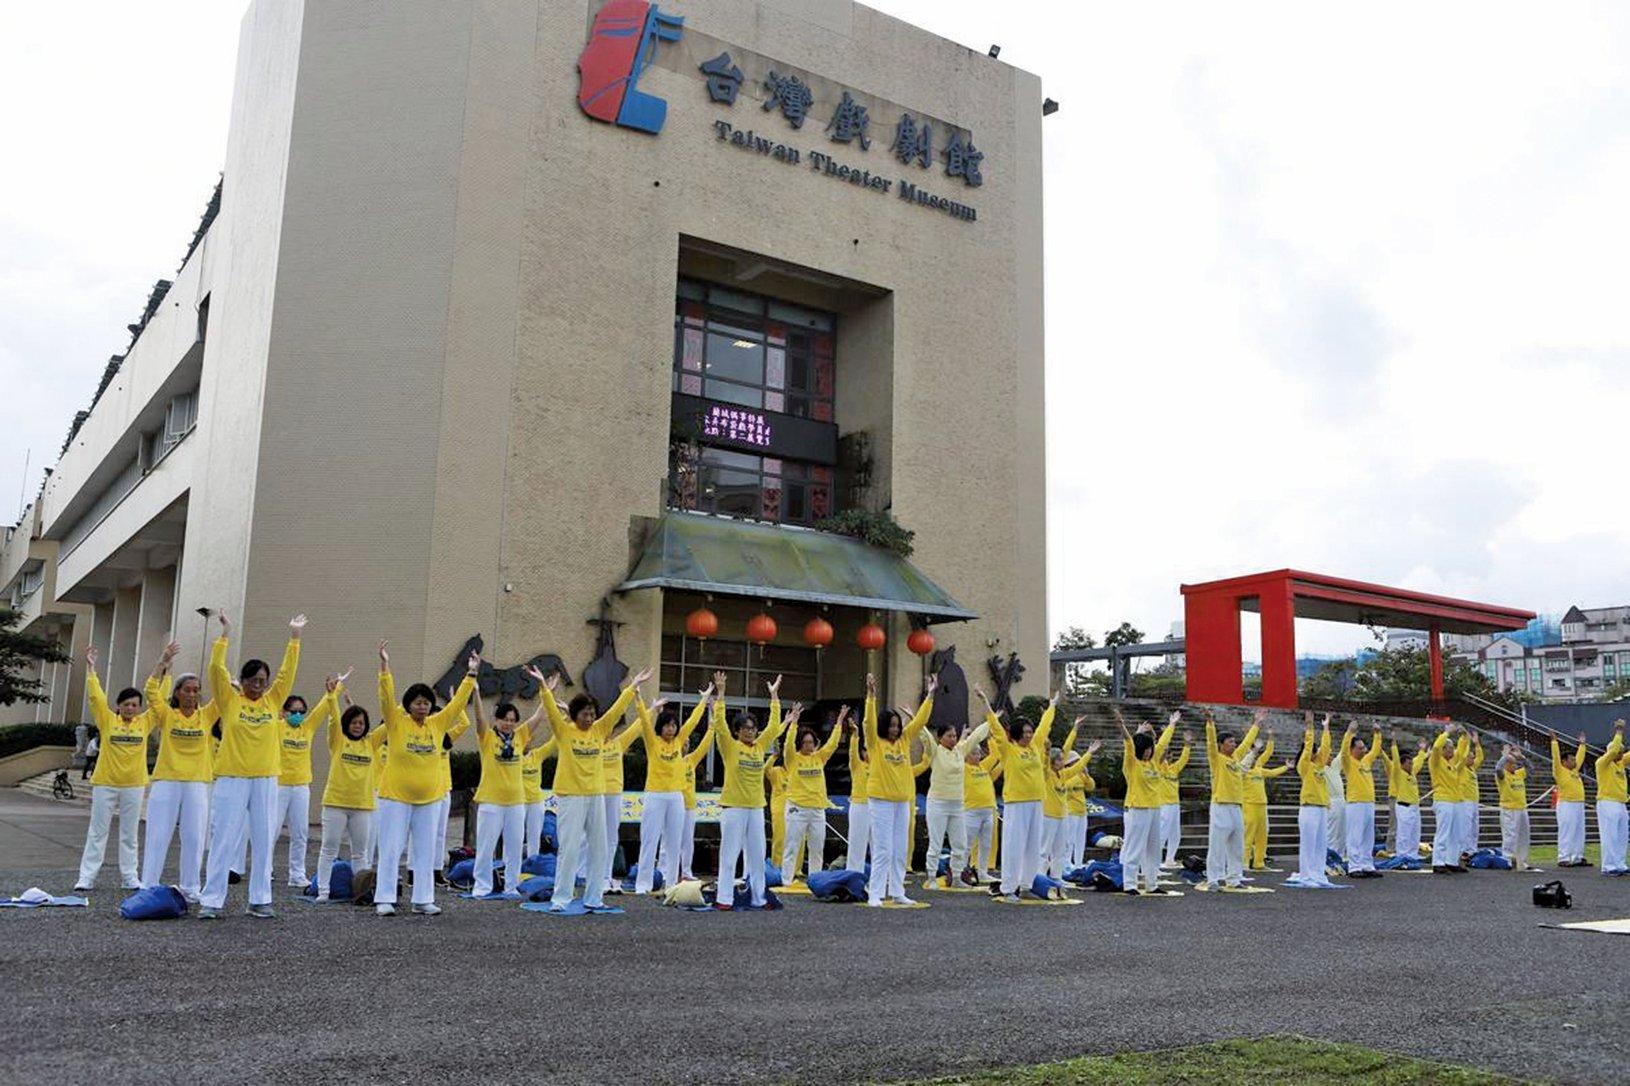 2020年12月26日,宜蘭縣部份法輪功學員聚集在宜蘭文化中心,向法輪功創始人李洪志先生祝賀新年好。(曾漢東/大紀元)